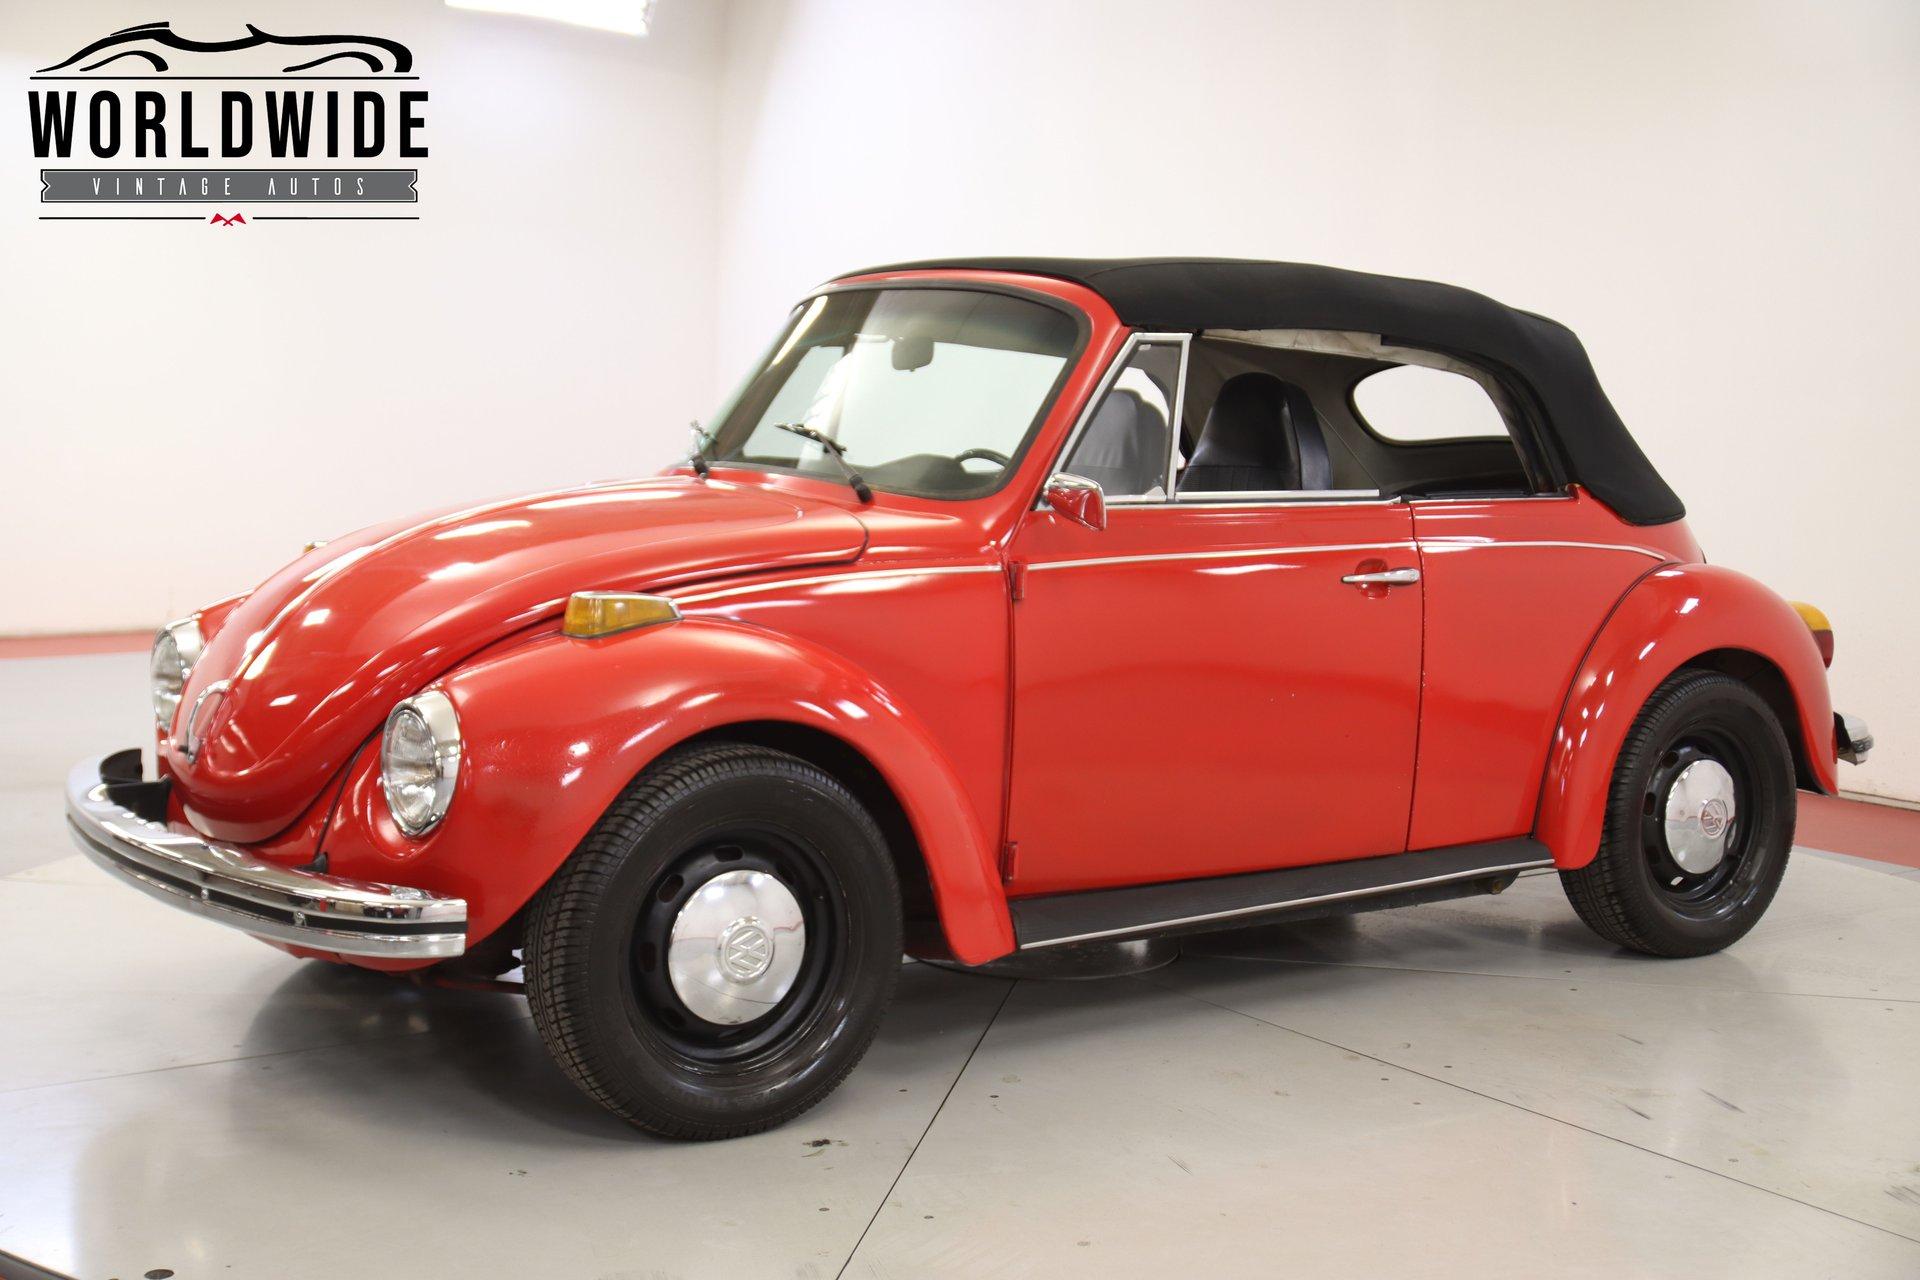 1973 Volkswagen Beetle Worldwide Vintage Autos